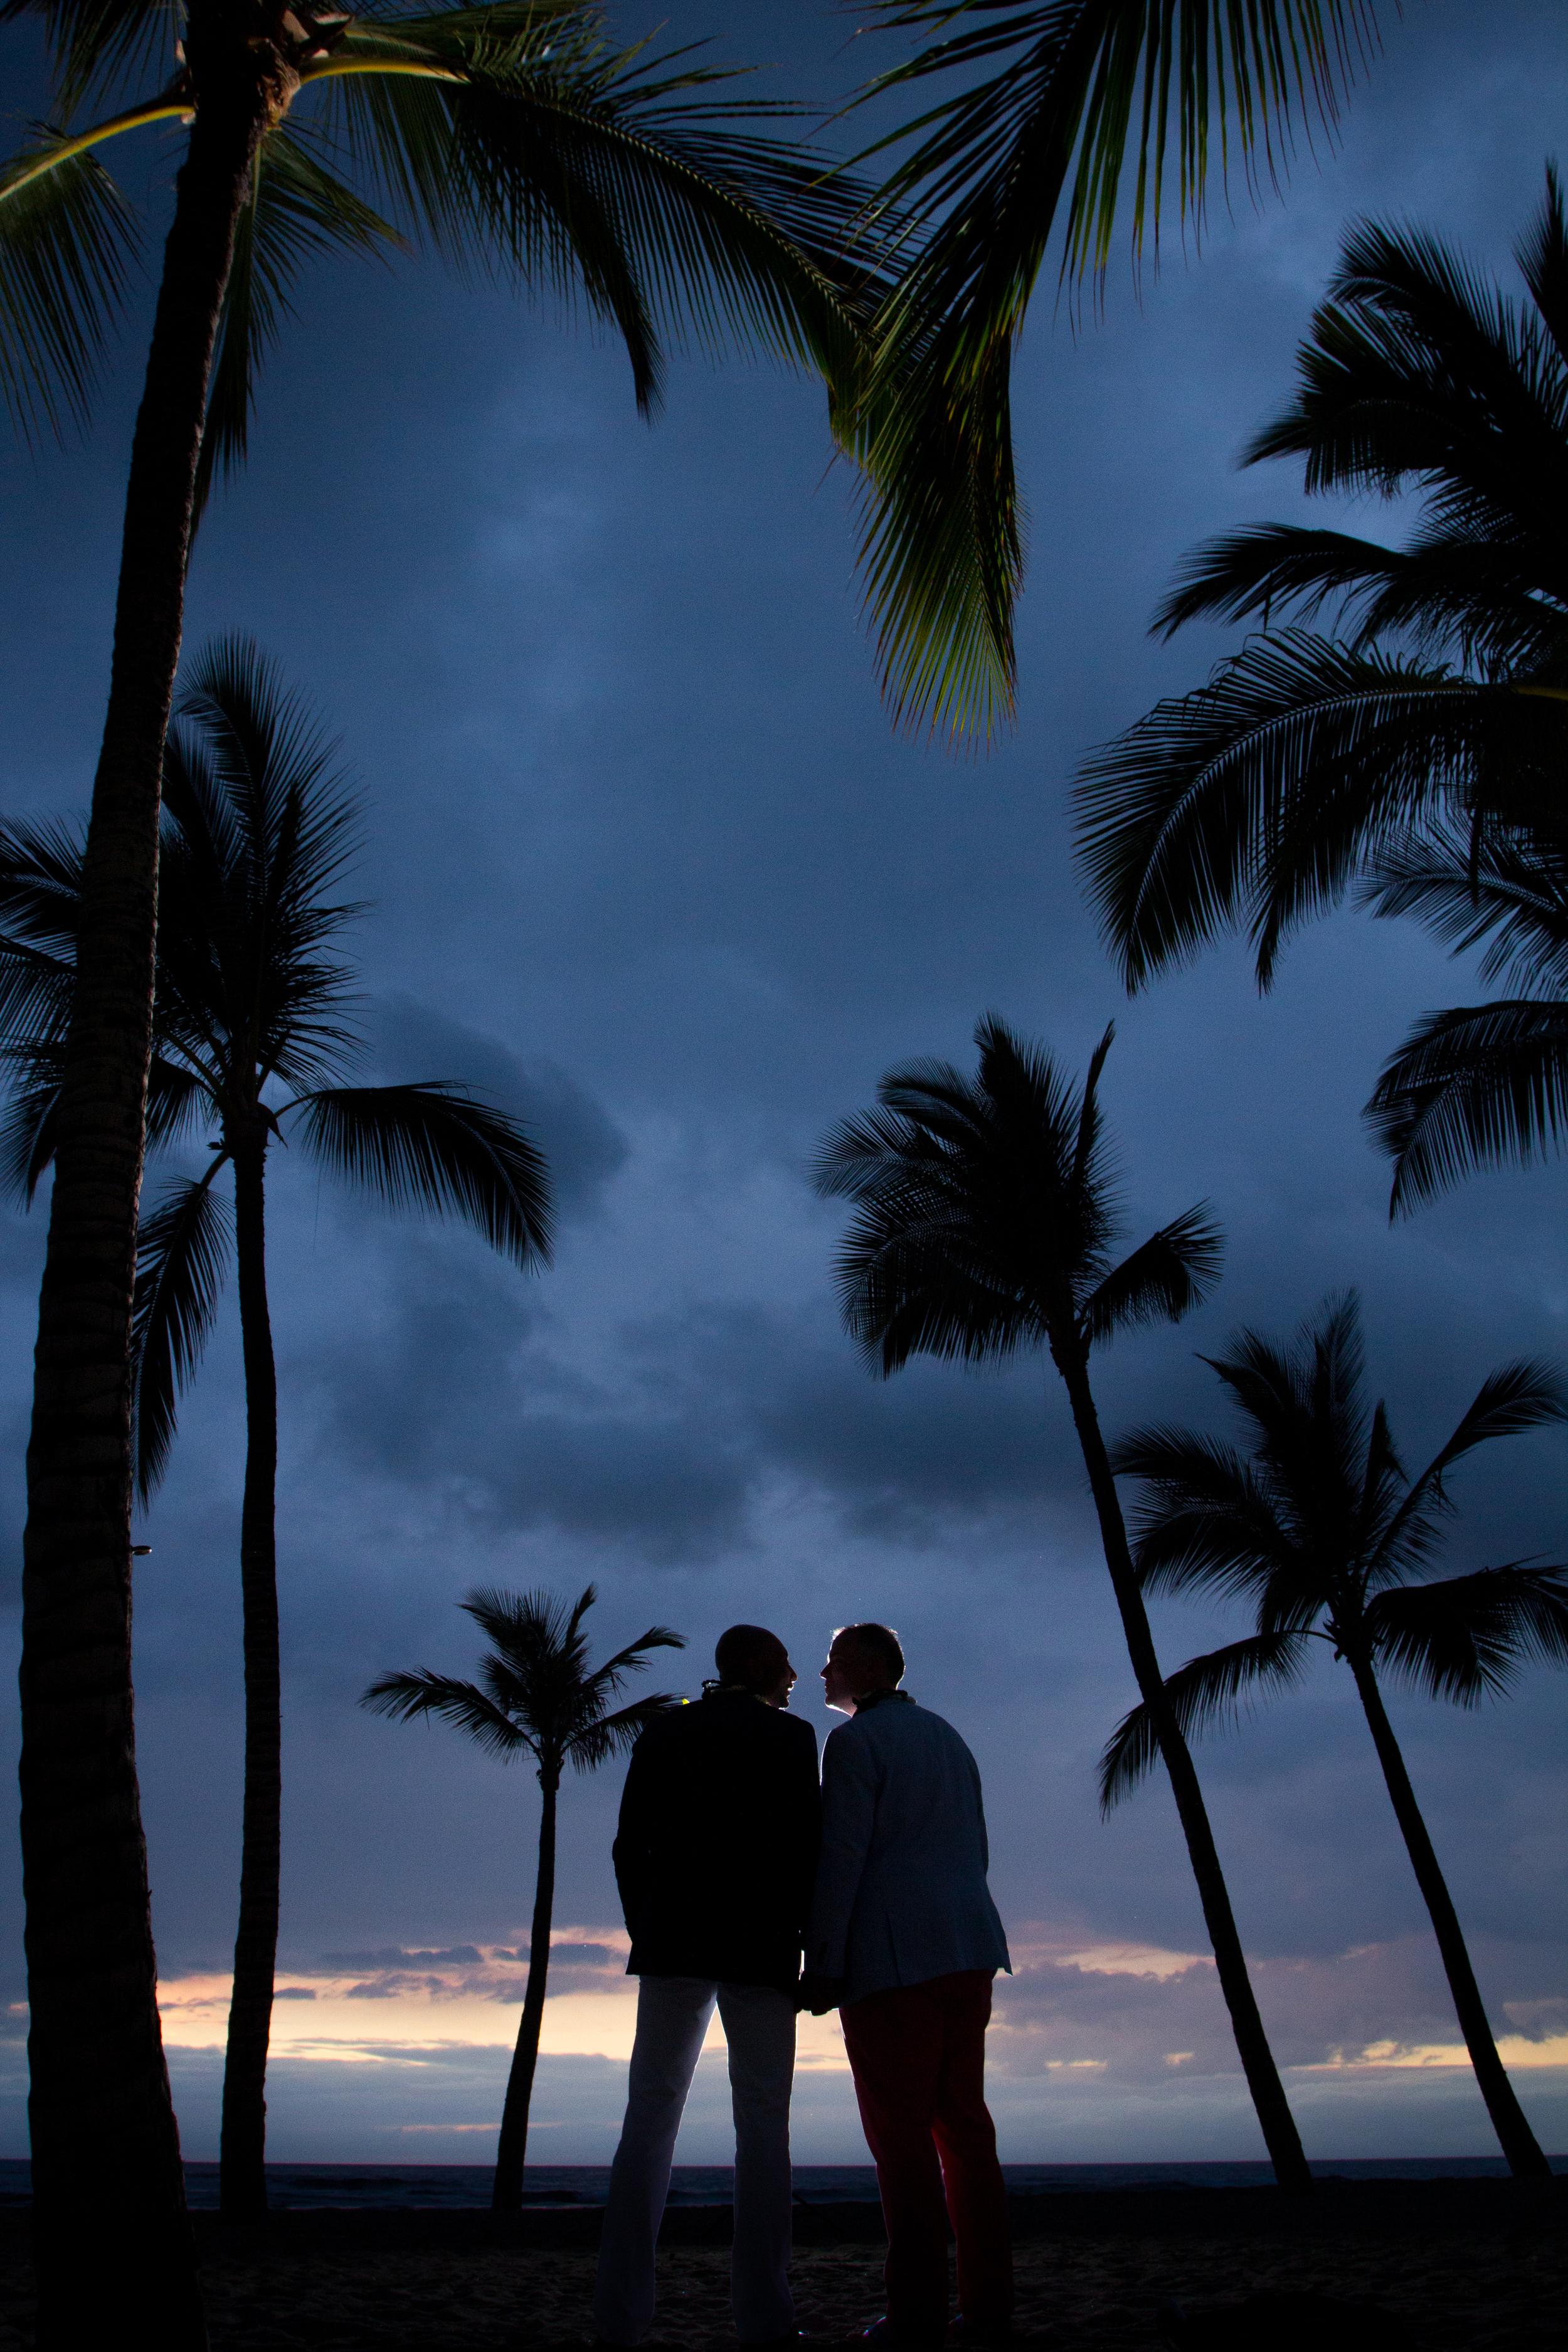 big island hawaii rmauna lani beach wedding © kelilina photography 20160601185552-3.jpg